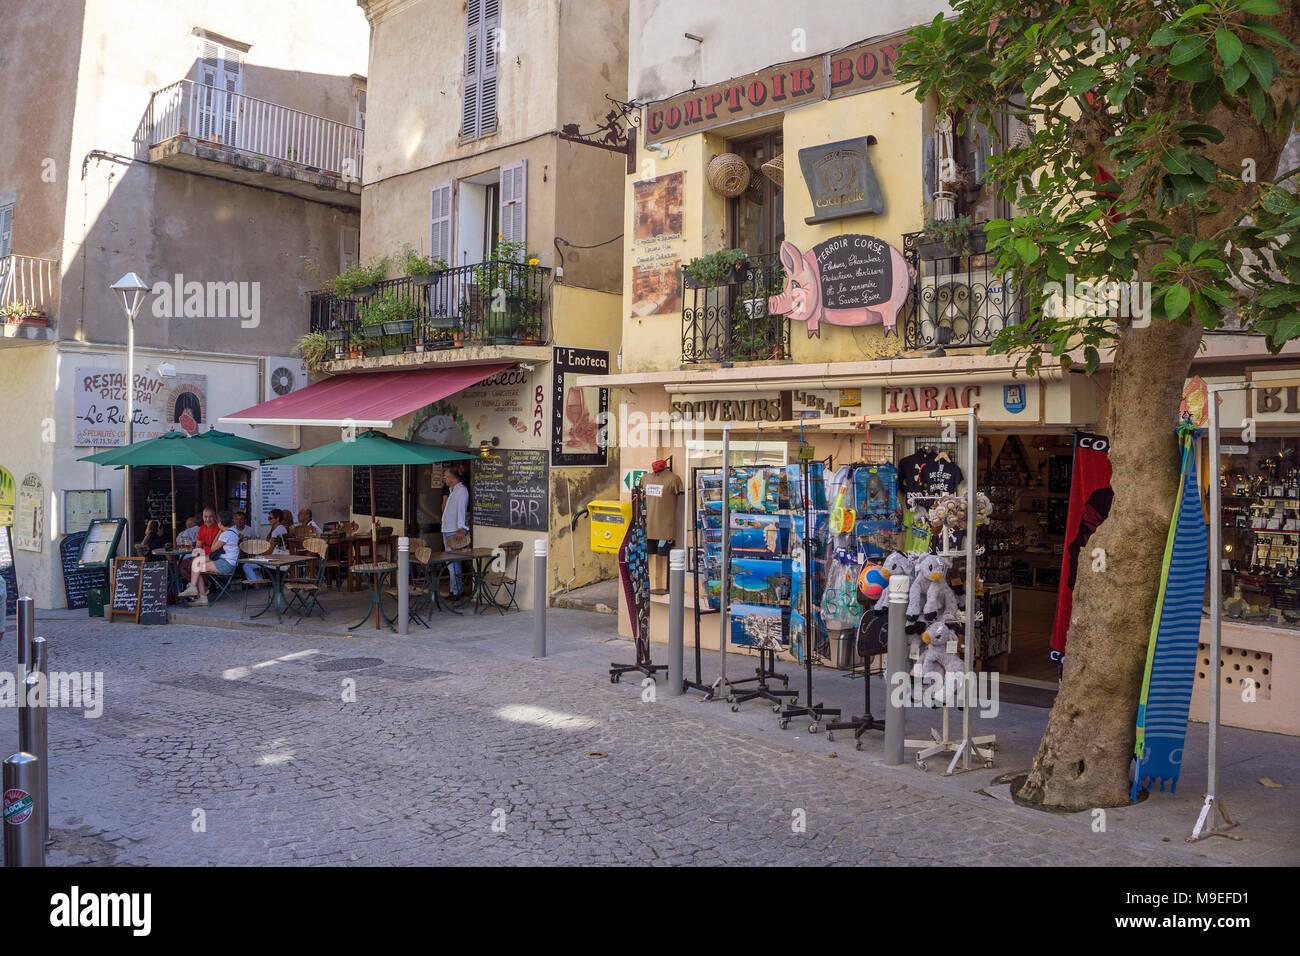 Souvenir shop and bar at old town of Bonifacio, Corsica, France, Mediterranean, Europe Stock Photo